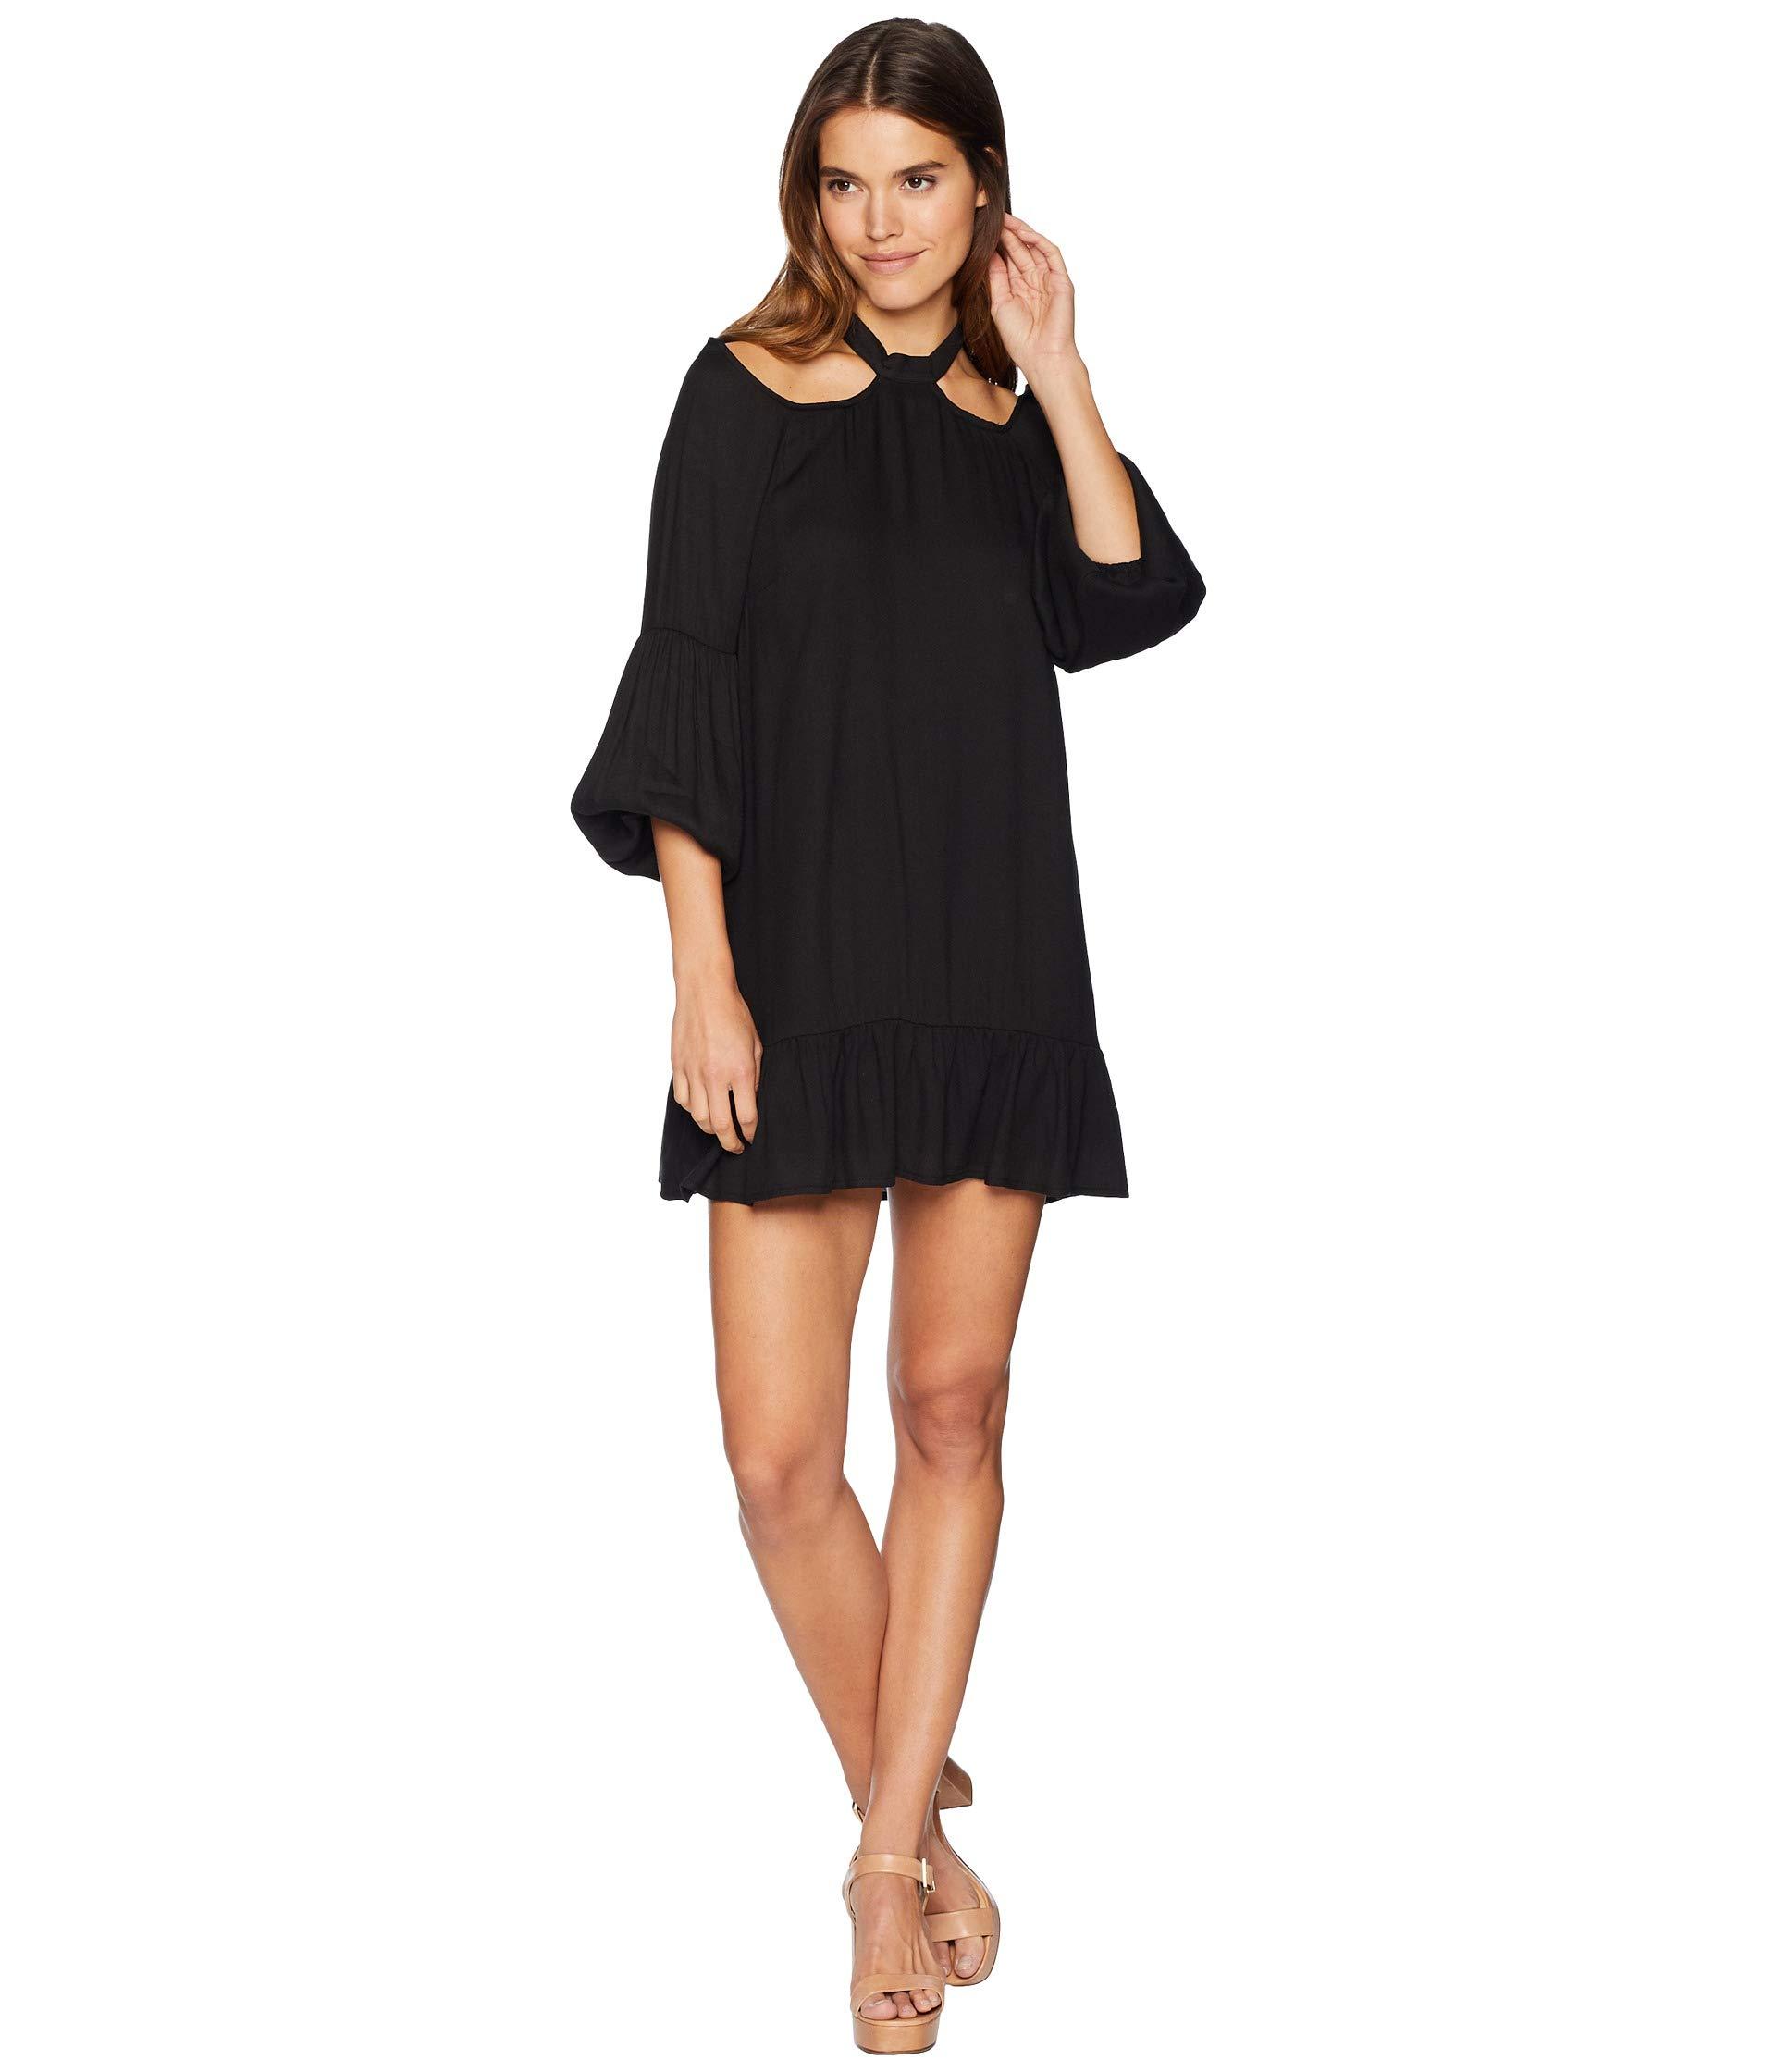 Dress Bb Is By Black Rayon Female Jack Dakota Future Crepe xqIwxz58